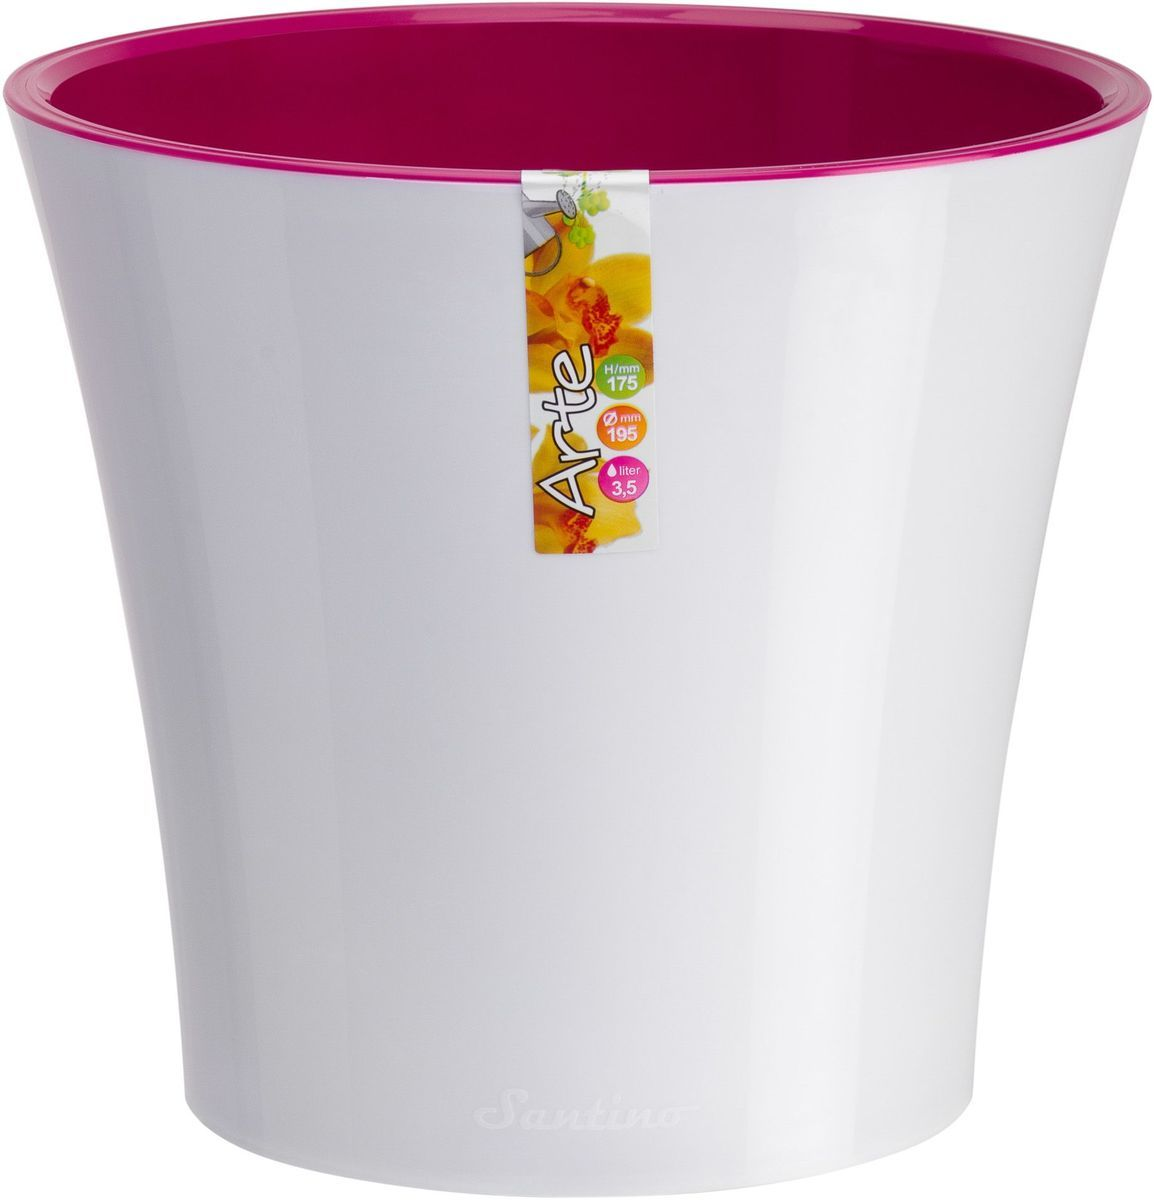 Горшок цветочный Santino Арте, двойной, с системой автополива, цвет: белый, лиловый, 2 л1195203Горшок цветочный Santino Арте снабжен дренажной системой и состоит из кашпо и вазона-вкладыша. Изготовлен из пластика. Особенность: тарелочка или блюдце не нужны. Горшок предназначен для любых растений или цветов. Цветочный дренаж – это система, которая позволяет выводить лишнюю влагу через корневую систему цветка и слой почвы. Растение – это живой организм, следовательно, ему необходимо дышать. В доступе к кислороду нуждаются все части растения: -листья; -корневая система. Если цветовод по какой-либо причине зальет цветок водой, то она буквально вытеснит из почвенного слоя все пузырьки кислорода. Анаэробная среда способствует развитию различного рода бактерий. Безвоздушная среда приводит к загниванию корневой системы, цветок в результате увядает. Суть работы дренажной системы заключается в том, чтобы осуществлять отвод лишней влаги от растения и давать возможность корневой системе дышать без проблем. Следовательно, каждому цветку необходимо: -иметь в основании цветочного горшочка хотя бы одно небольшое дренажное отверстие. Оно необходимо для того, чтобы через него выходила лишняя вода, плюс ко всему это отверстие дает возможность циркулировать воздух. -на самом дне горшка необходимо выложить слоем в 2-5 см (зависит от вида растения) дренаж.УВАЖАЕМЫЕ КЛИЕНТЫ!Обращаем ваше внимание на тот факт, что фото изделия служит для визуального восприятия товара. Литраж и размеры, представленные на этикетке товара, могут по факту отличаться от реальных. Корректные данные в поле Размеры.